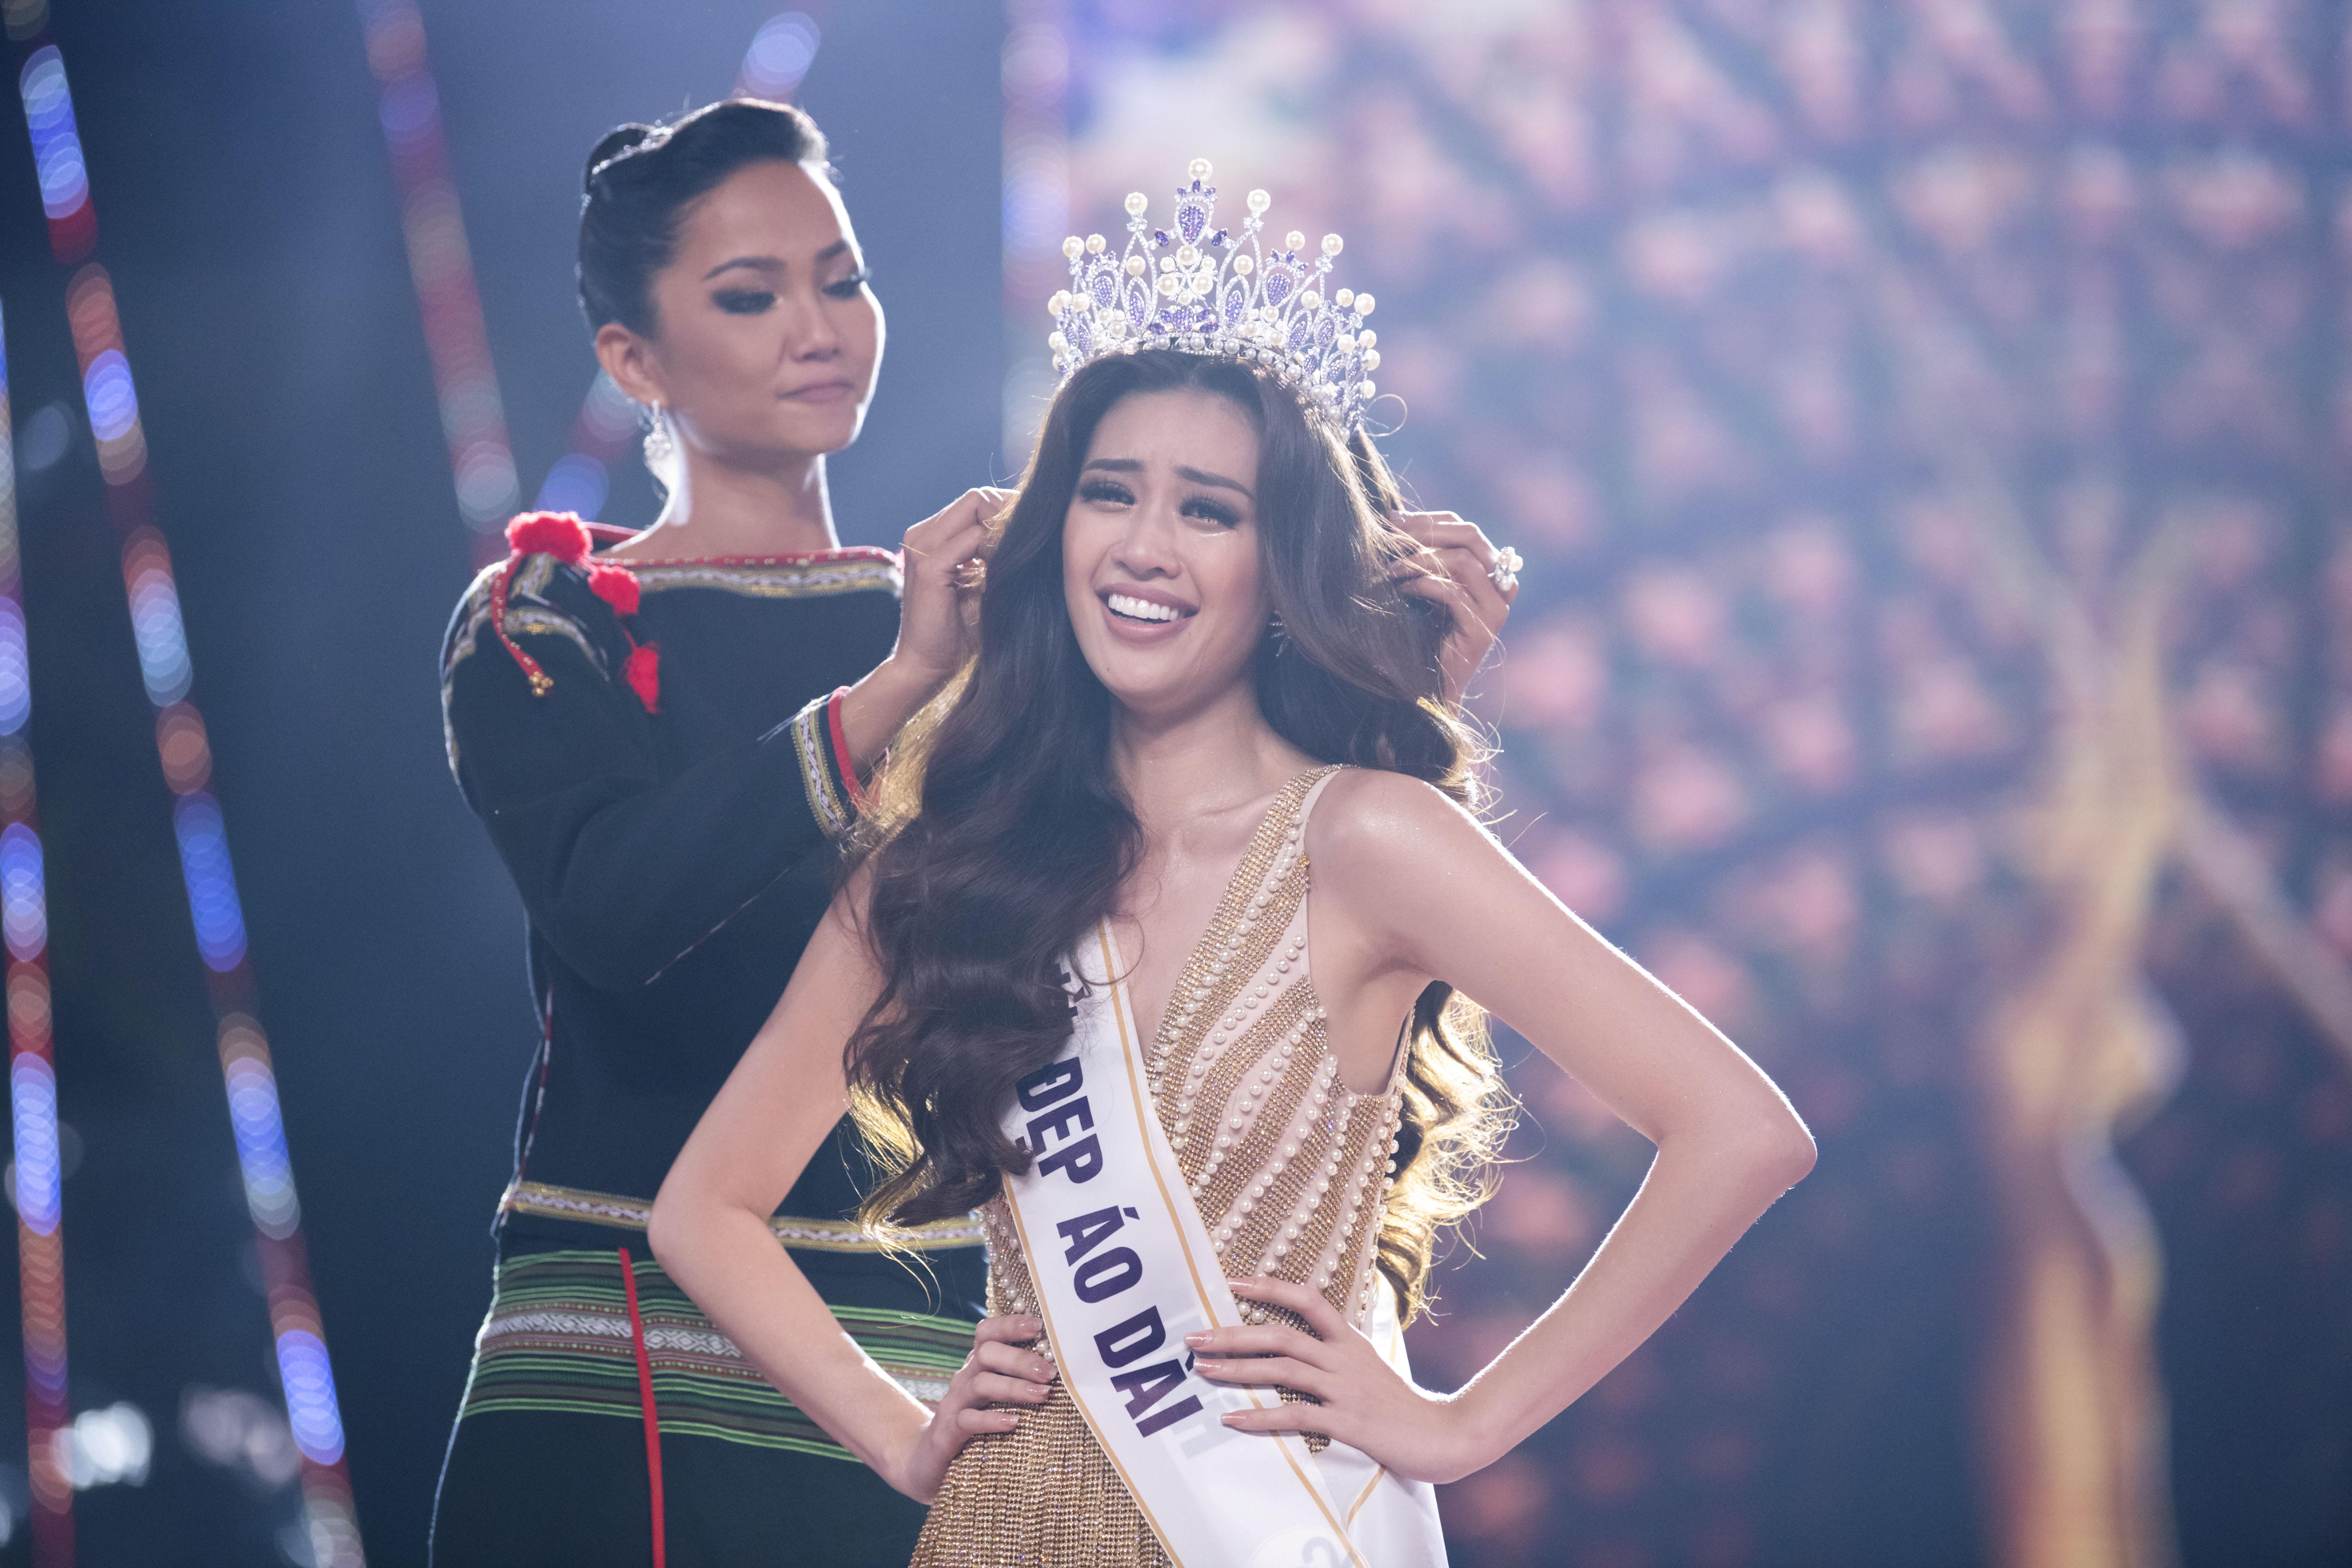 H'Hen Niê trao lại vương miện cho Tân Hoa hậu Nguyễn Trần Khánh Vân